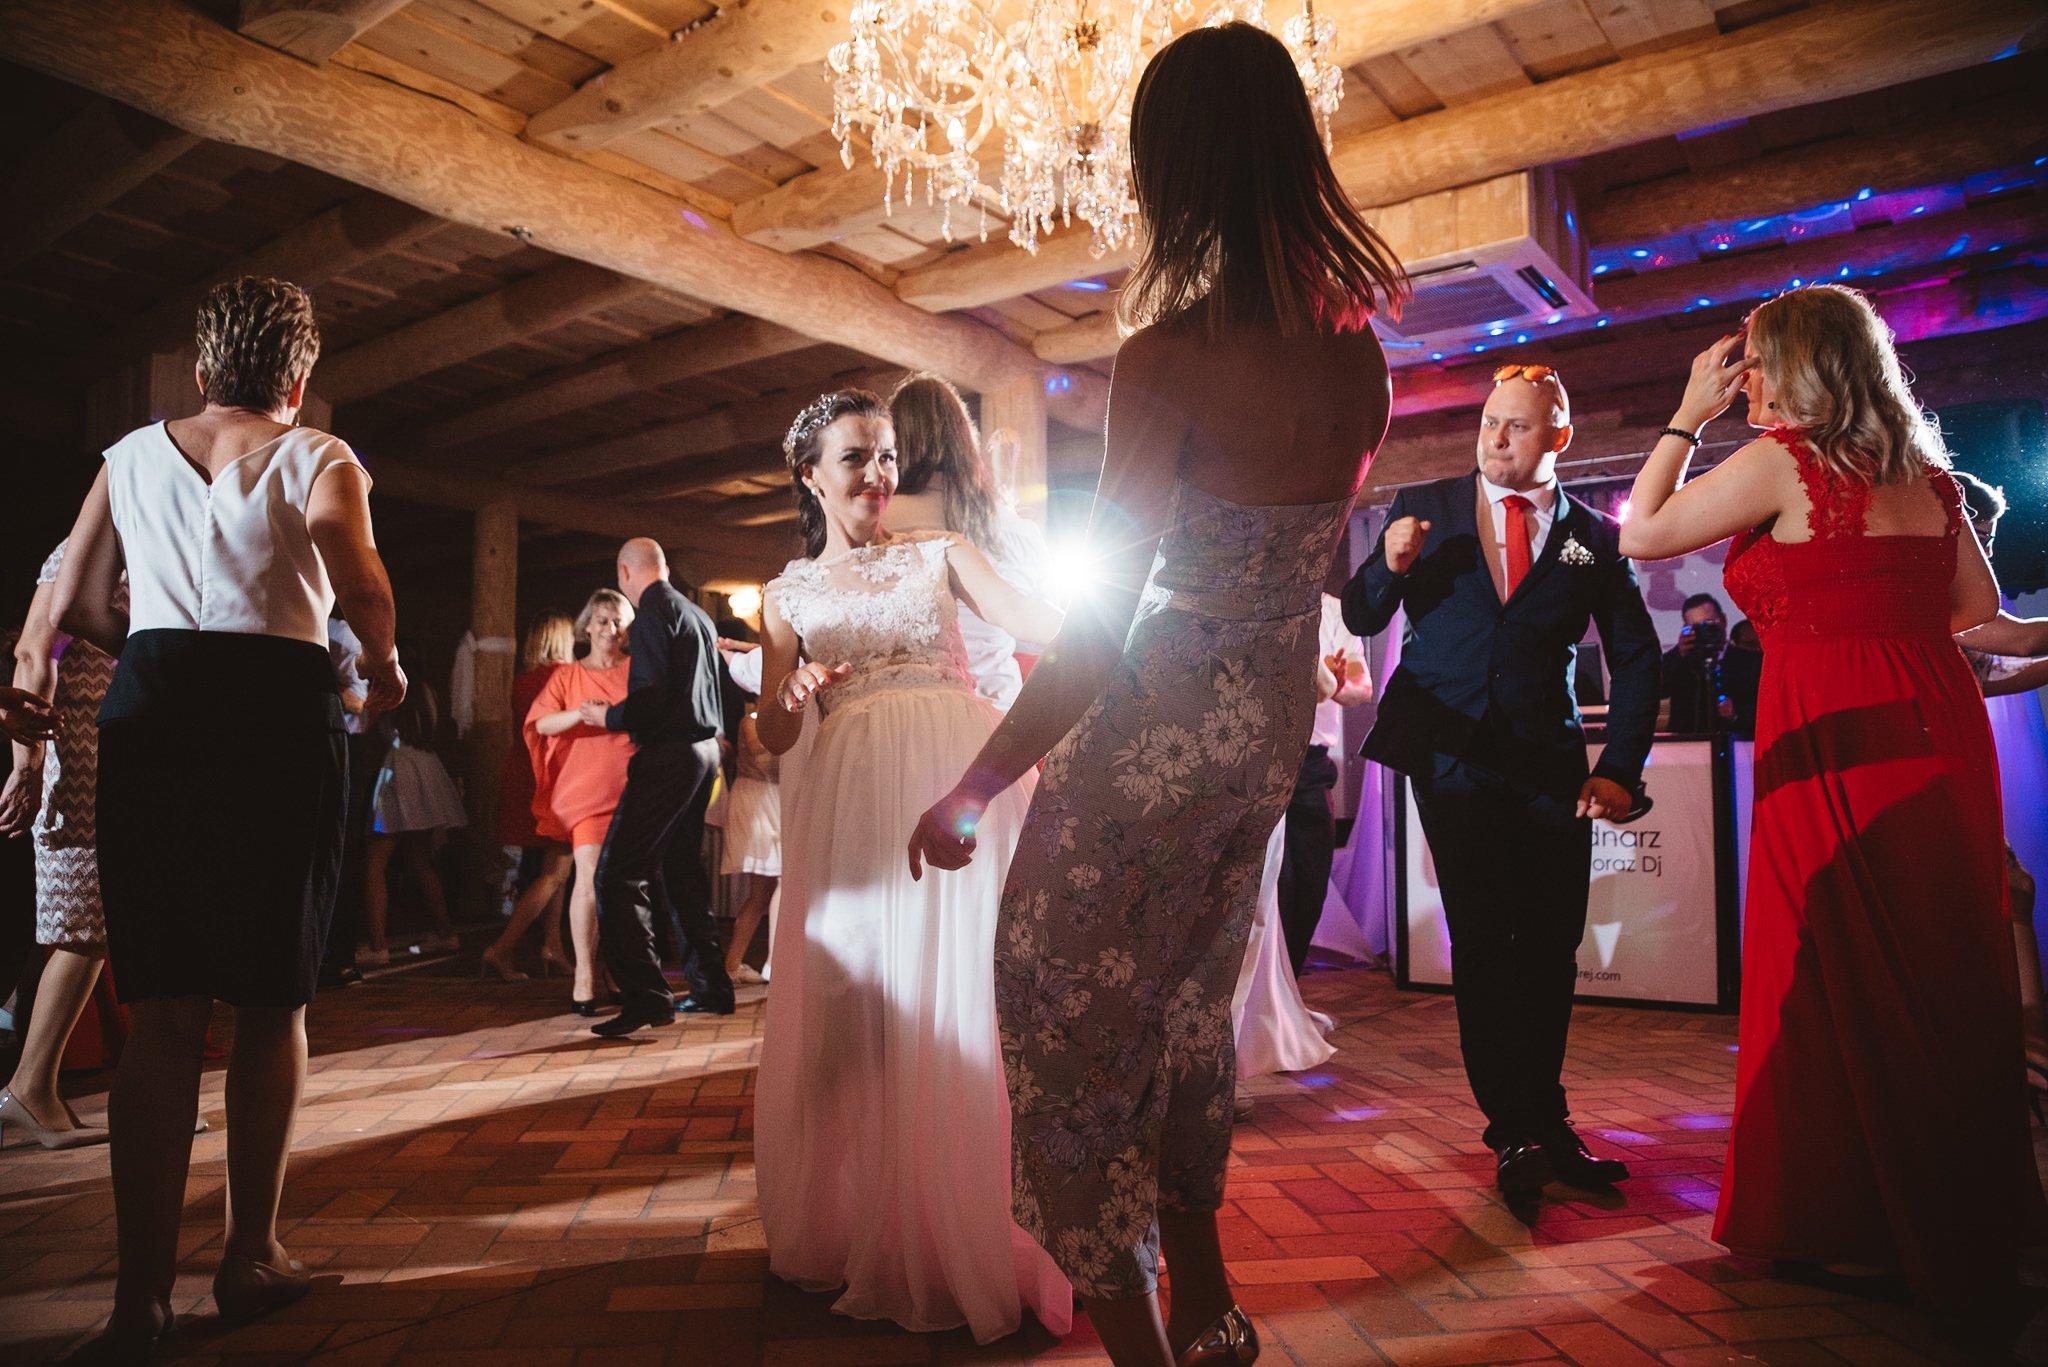 Ala i Arek, czyli jak zorganizować ślub i wesele w 4 tygodnie! 234